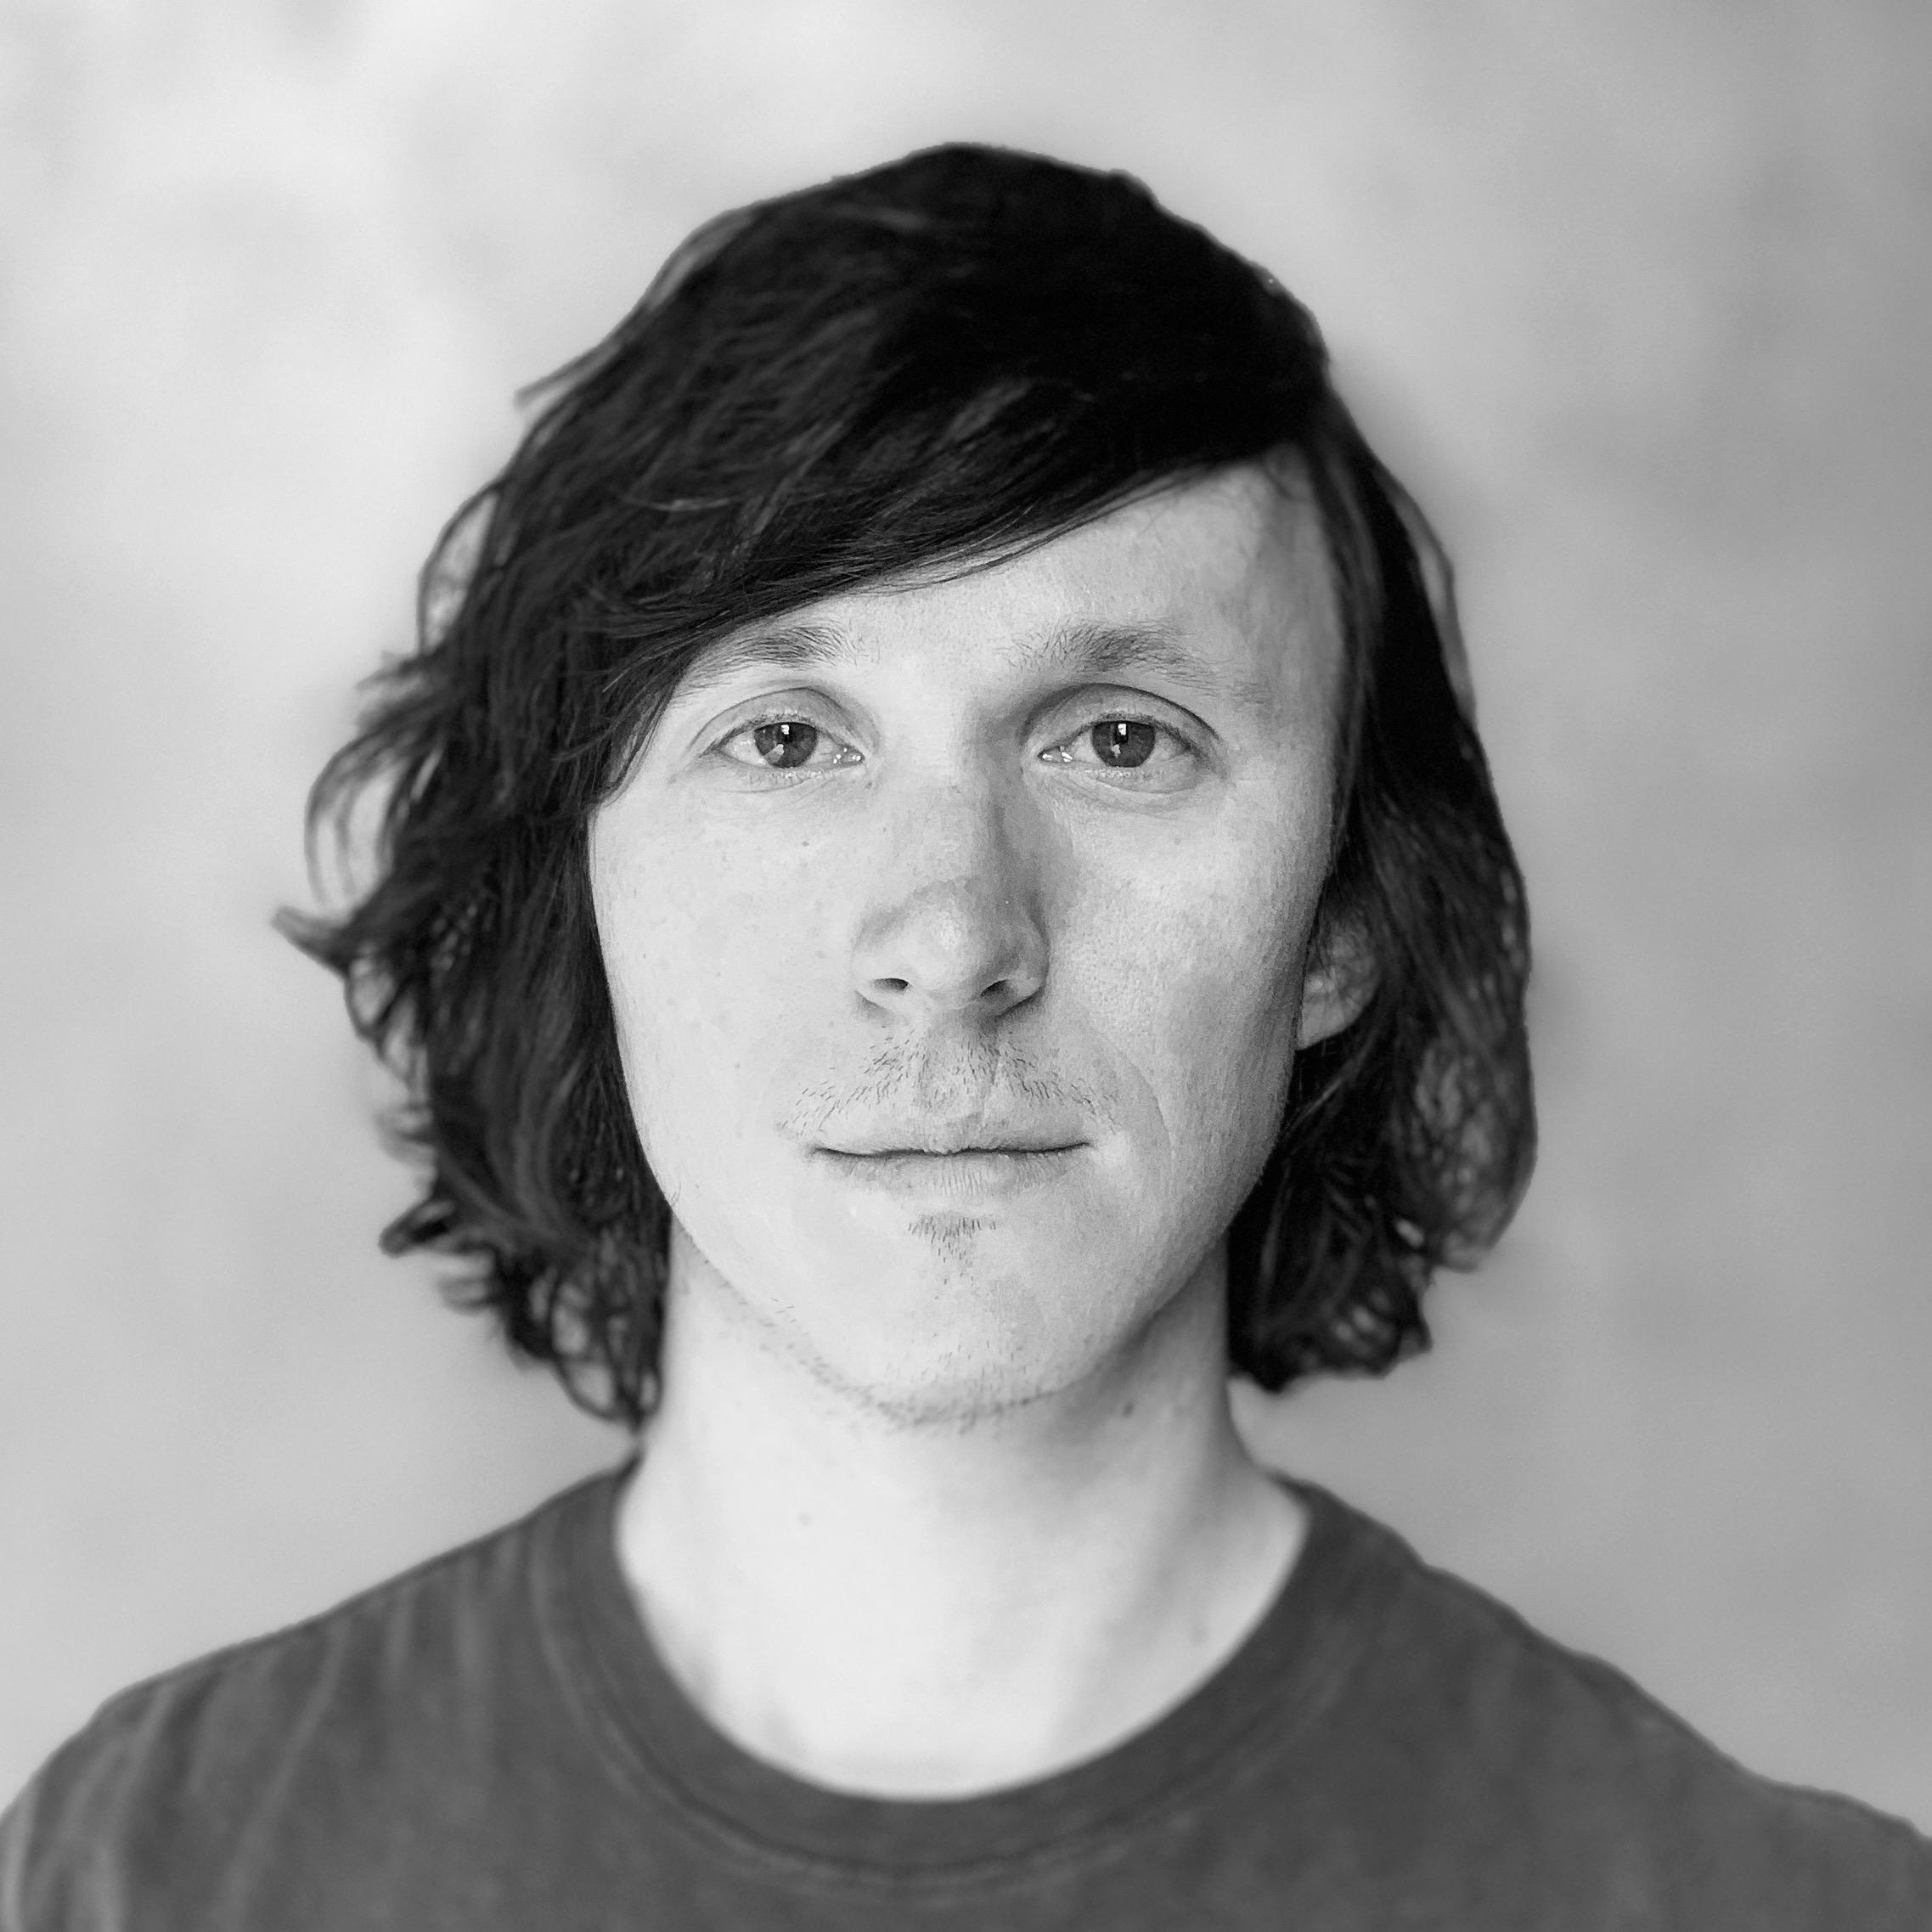 Tanner Christensen